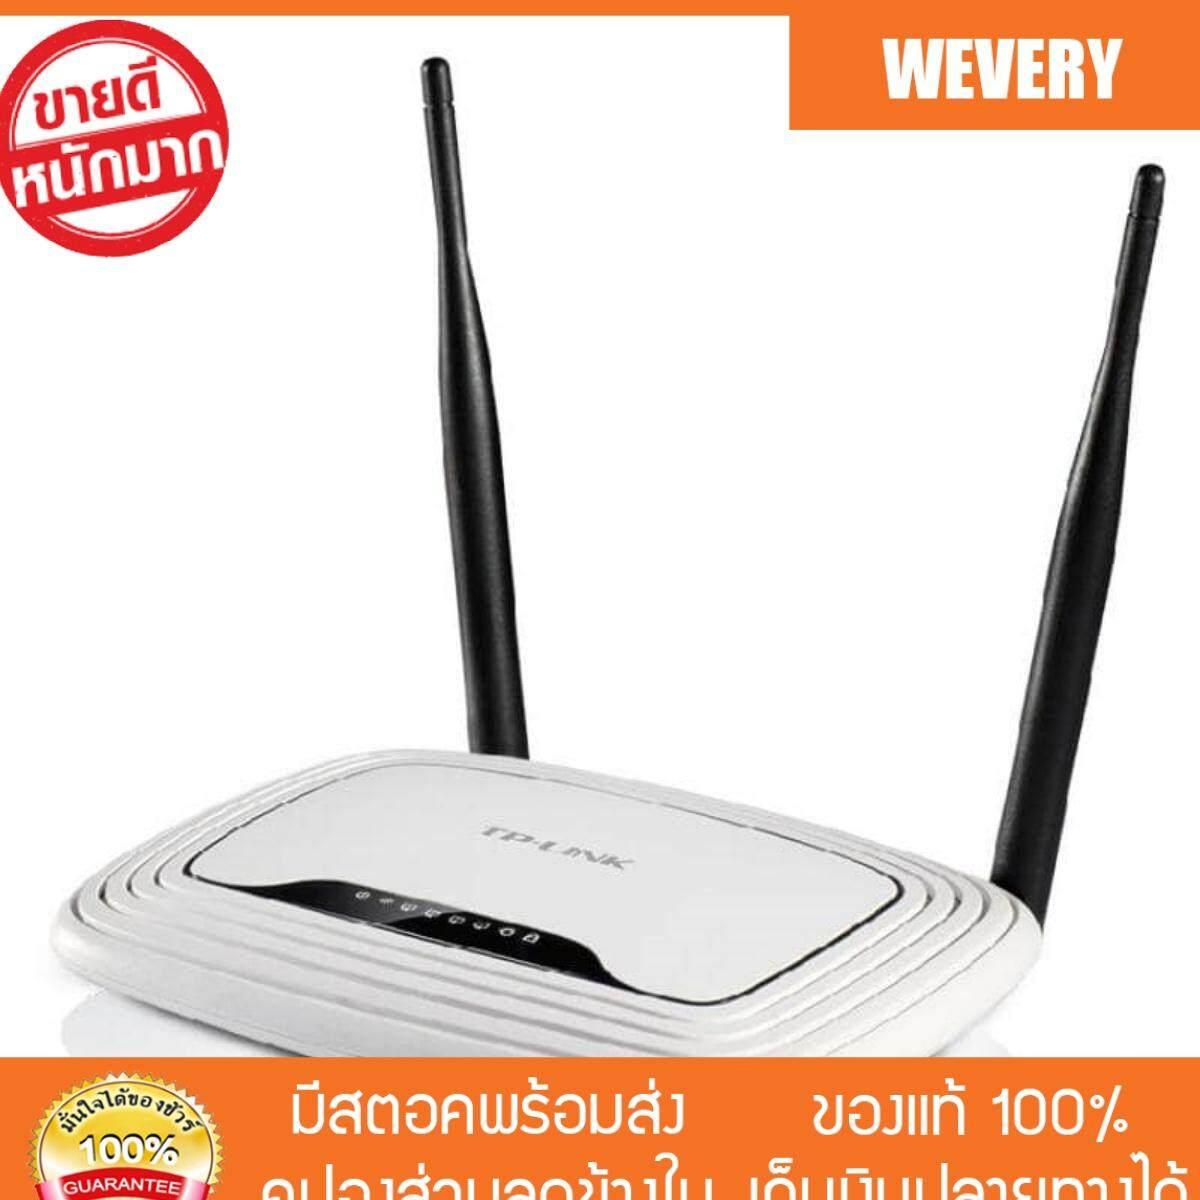 ขายดีมาก! [Wevery] TP-LINK TL-WR841N Wi-Fi เราเตอร์ (300Mbps Wireless N Router) WISP Mode Wi-Fi เร้าเตอร์ไวไฟ ส่ง Kerry เก็บปลายทางได้